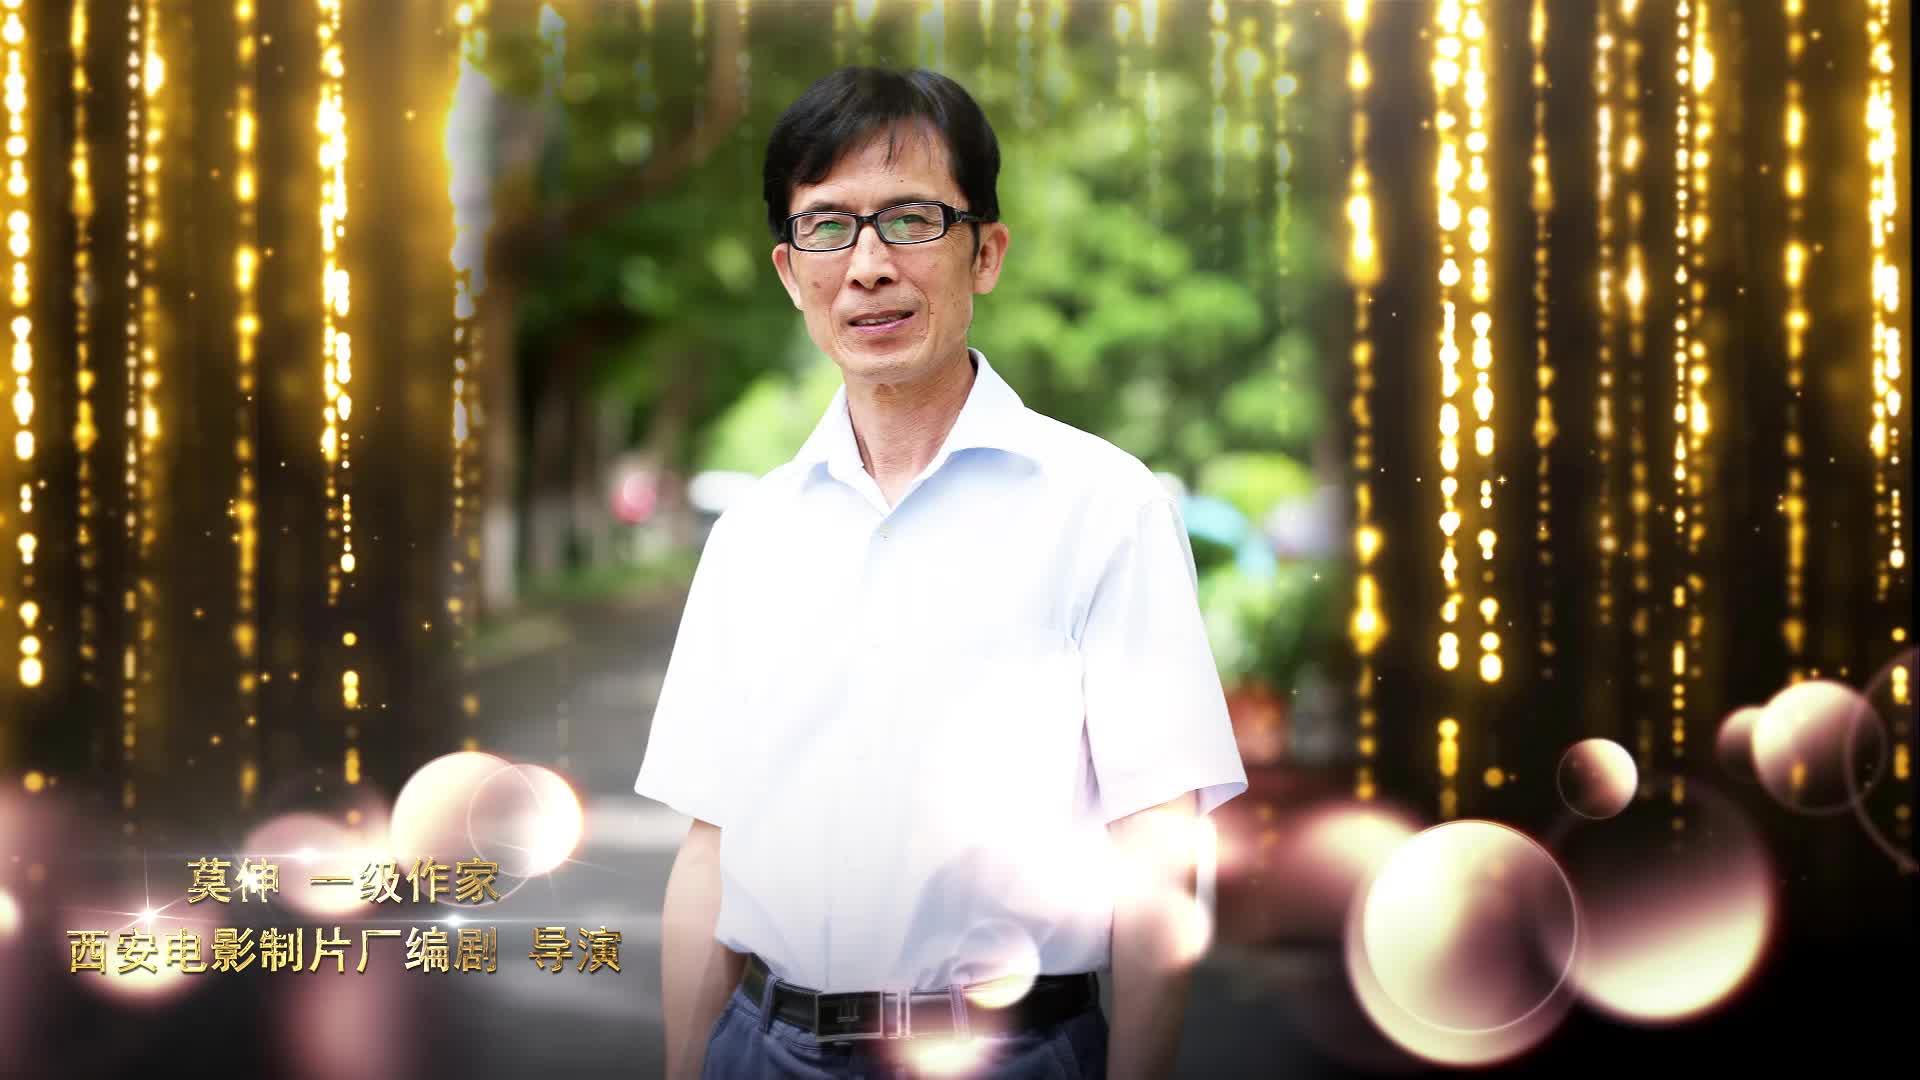 导演莫伸专访